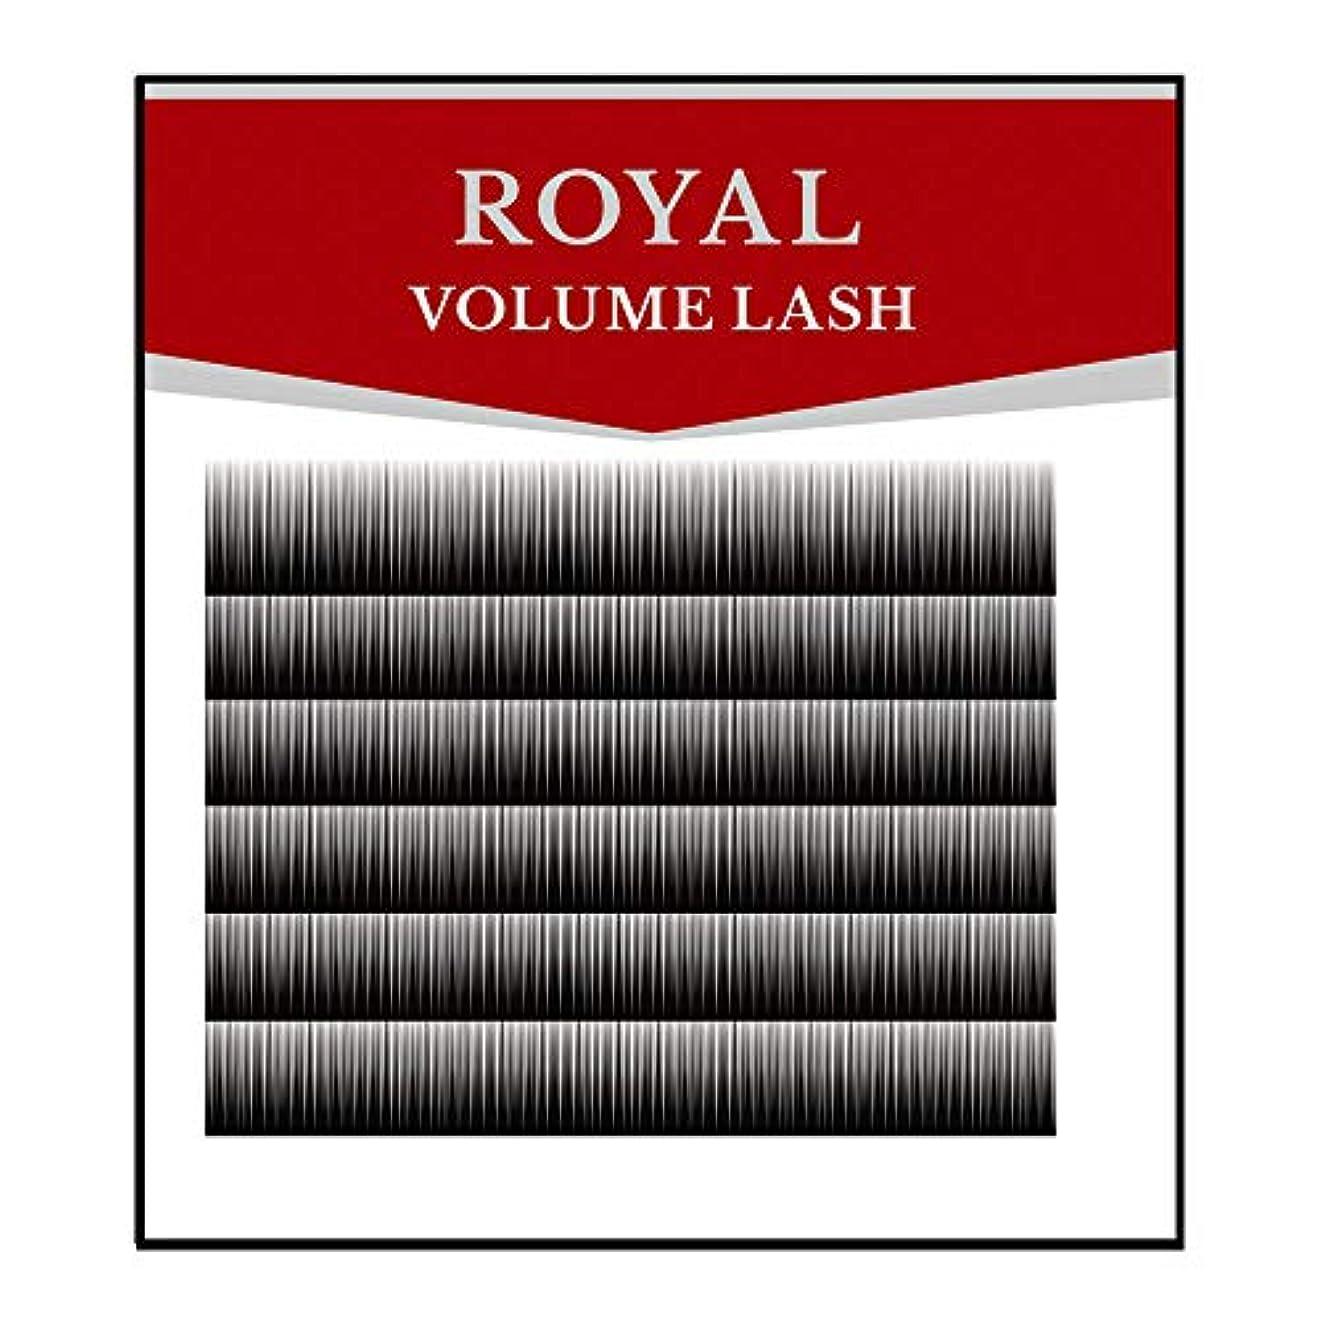 ジャズ石バラバラにするロイヤルボリュームラッシュ6列Cカール0.05 MIX